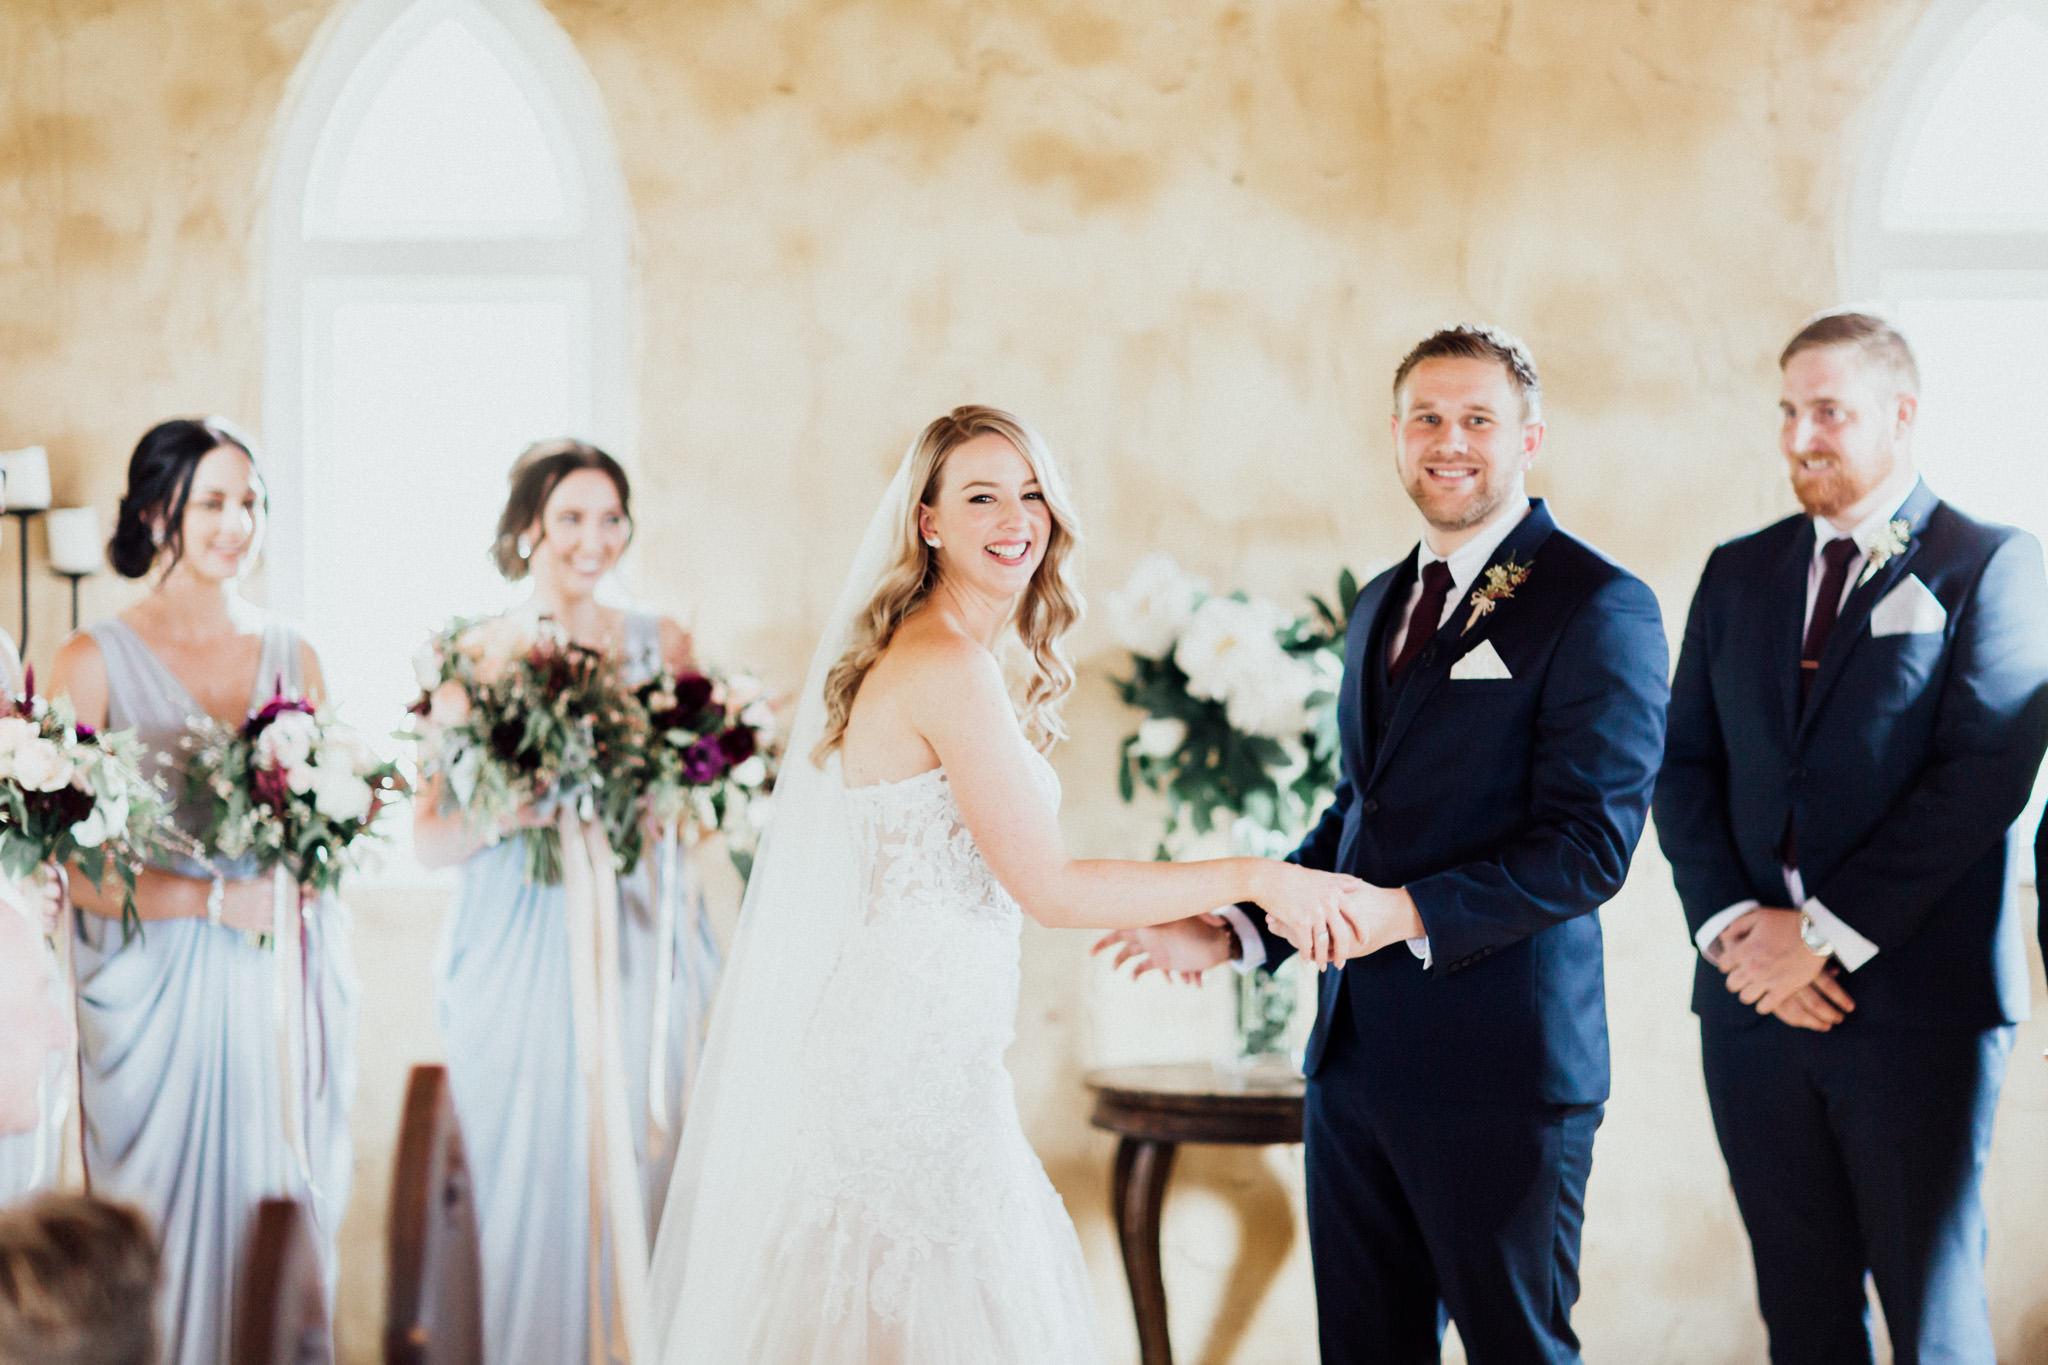 WeddingPhotos_Facebook_2048pixels-1054.jpg